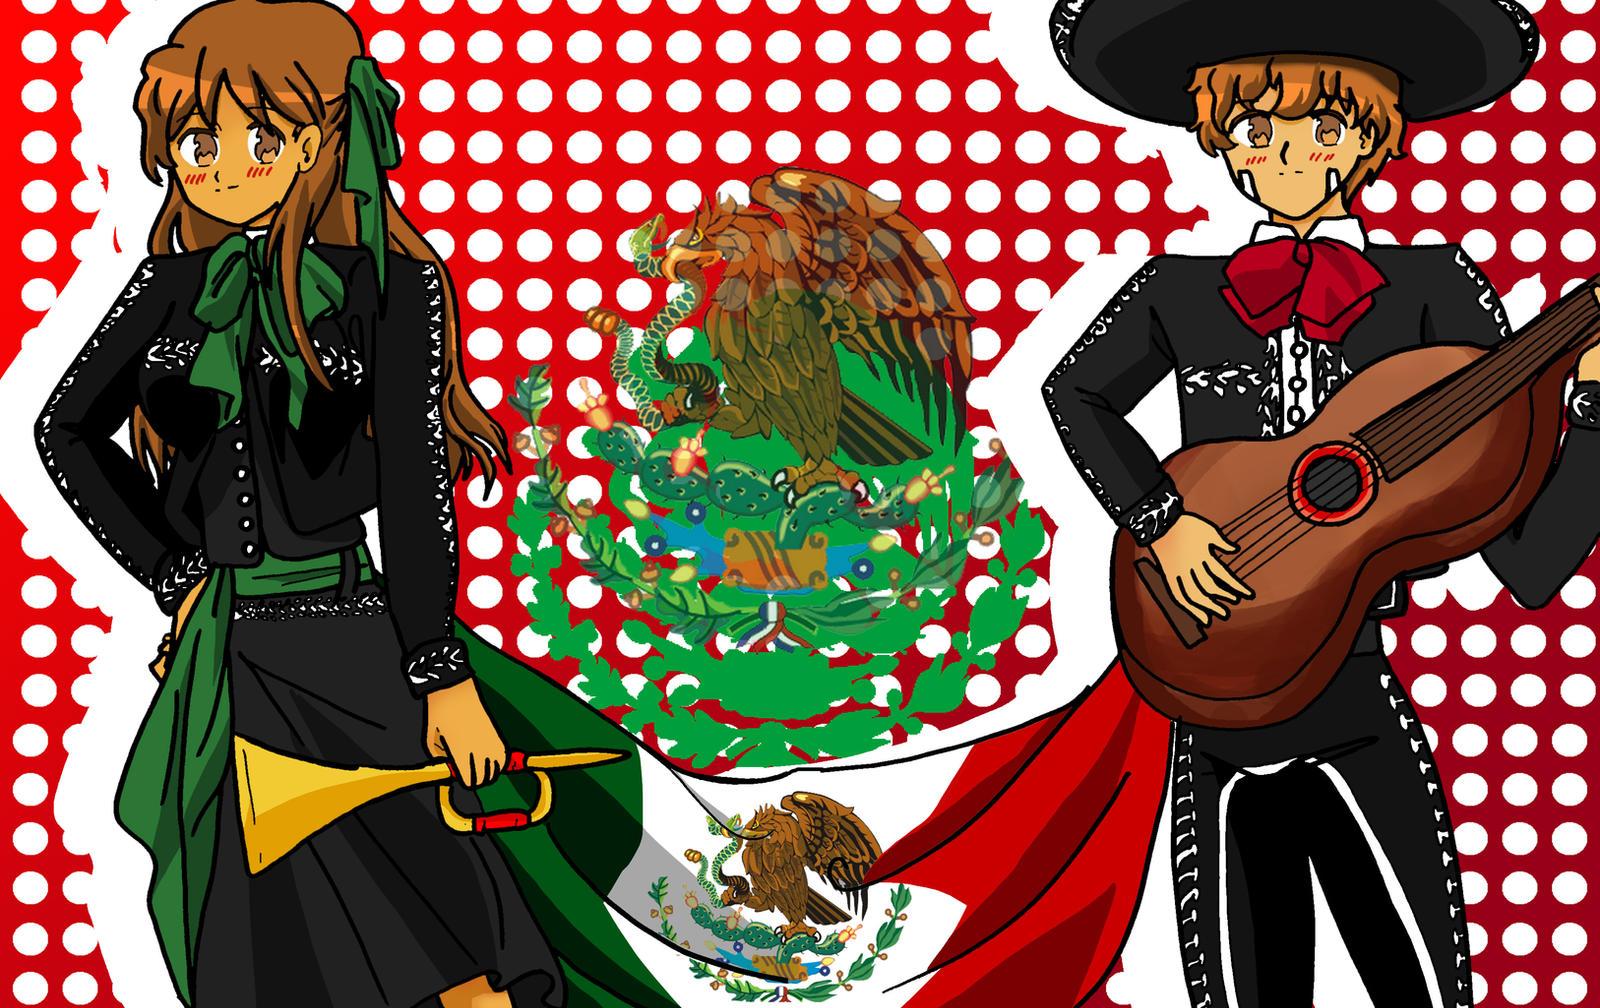 Viva Mexico  by XxHikaru00Xx on DeviantArt